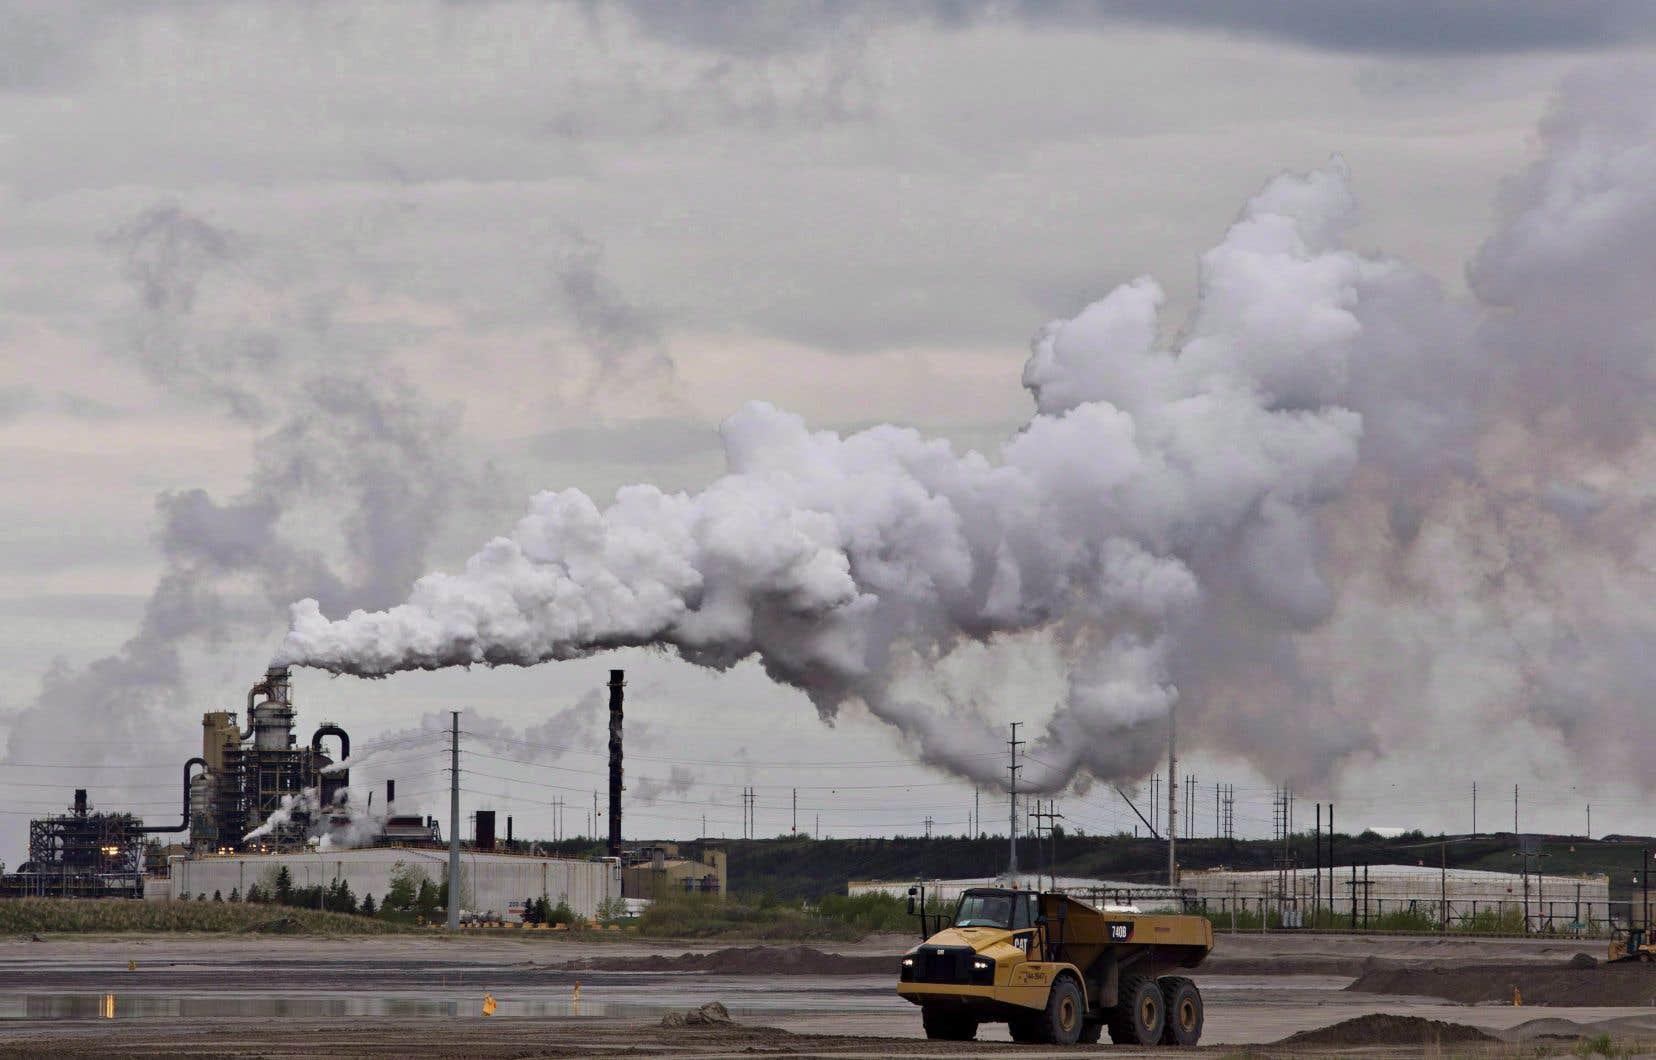 Depuis le 1erjanvier, les émetteurs industriels émettant au moins 50000 tonnes de gaz à effet de serre par année et installés en Ontario, au Nouveau-Brunswick, au Manitoba, à l'Île-du-Prince-Édouard ou en Saskatchewan sont assujettis au système de tarification fondé sur le rendement fédéral.